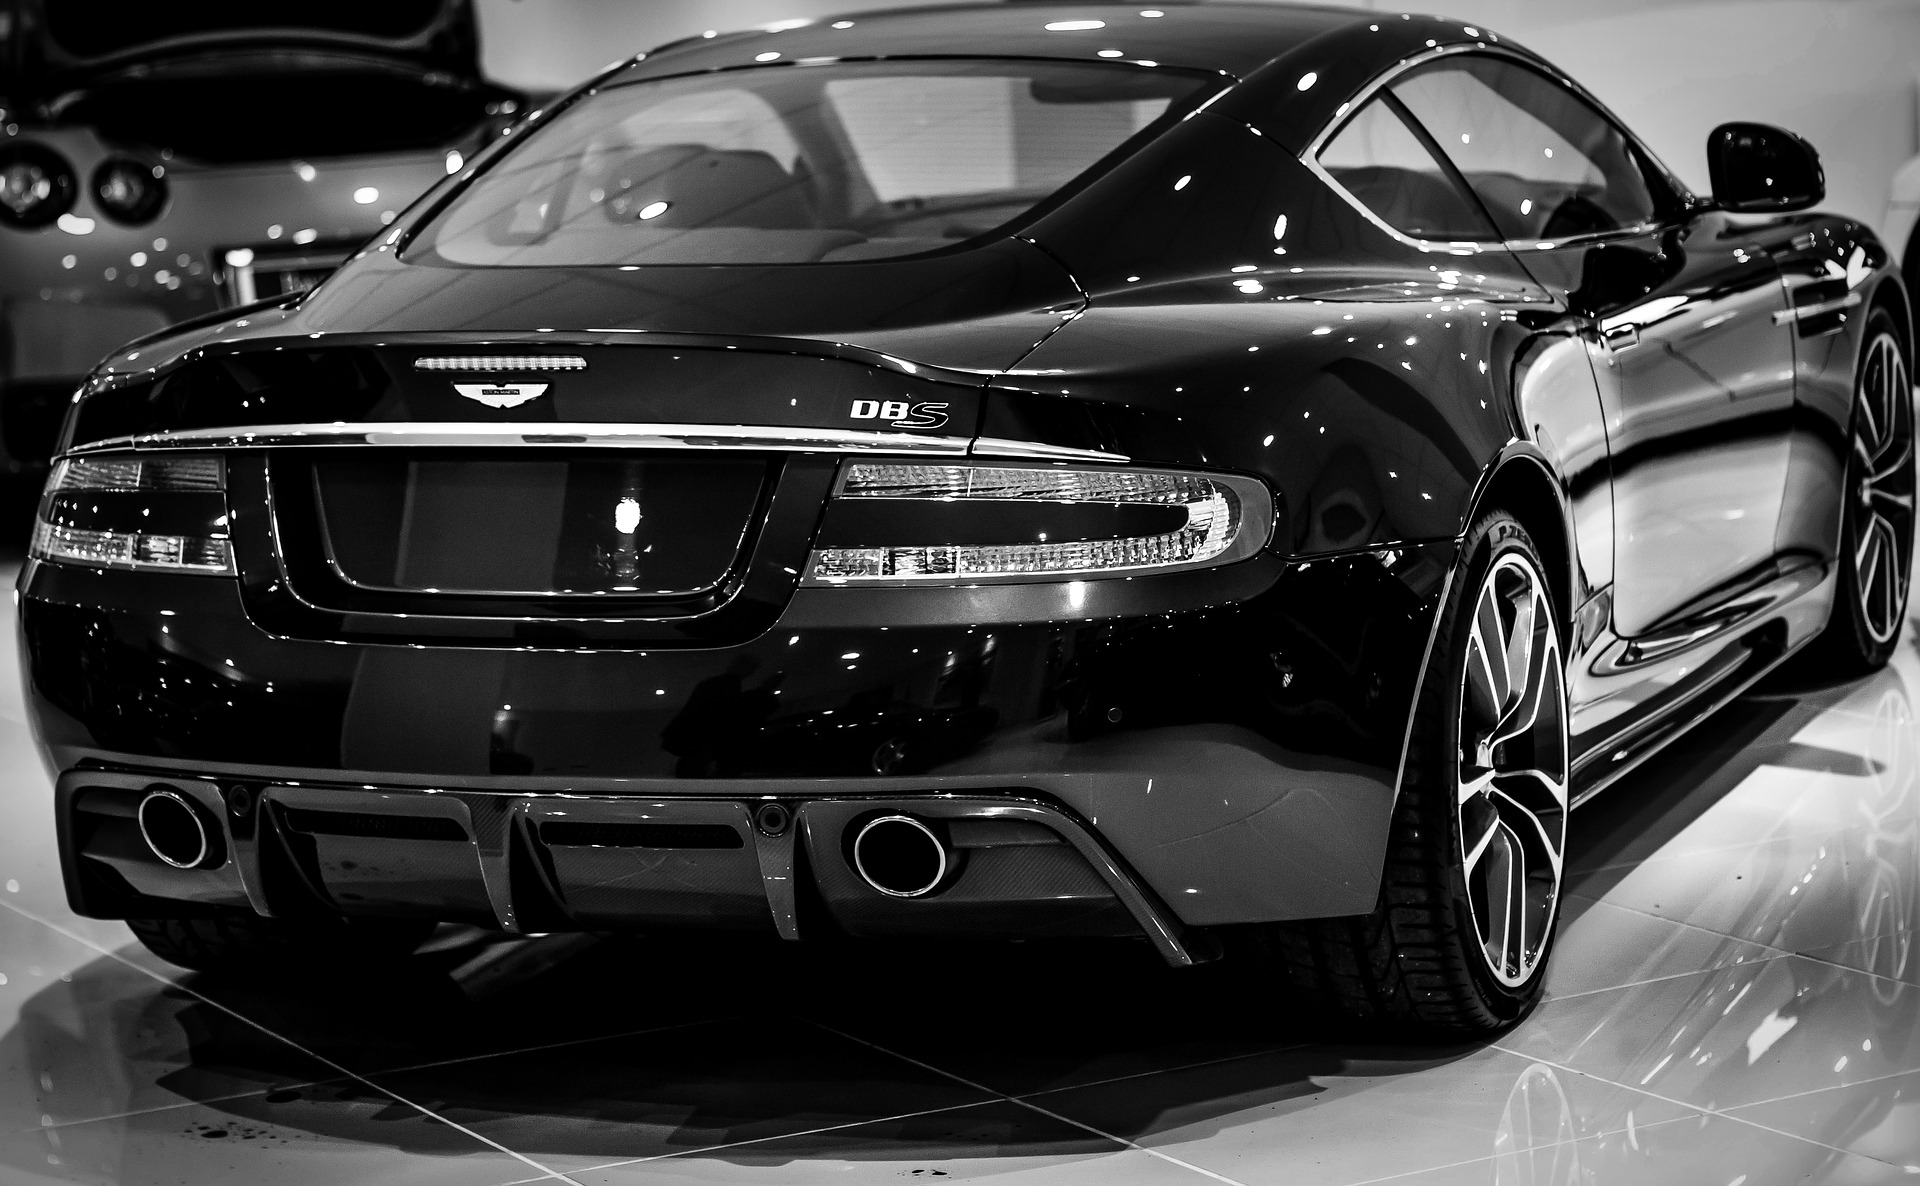 Les Voitures Aston Martin les Plus Populaires - Caractéristiques et Prix